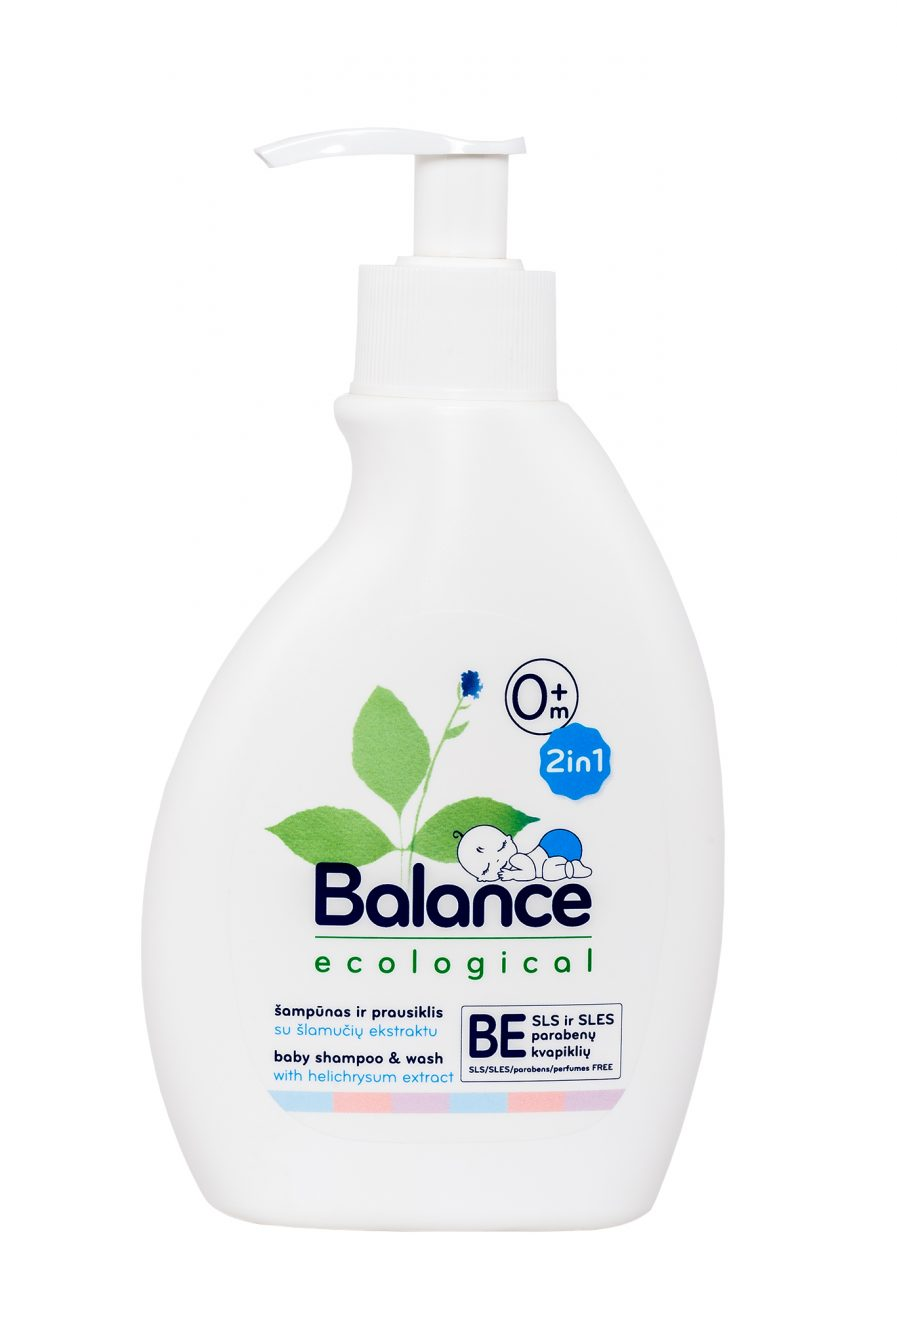 BALANCE ekologiškas šampūnas-prausiklis vaikams 2in1 (250 ml)